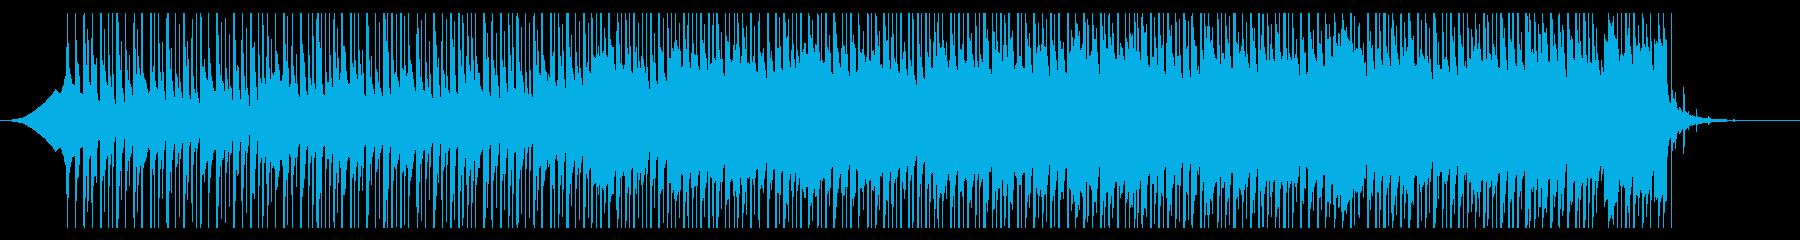 成功の構築(60秒)の再生済みの波形